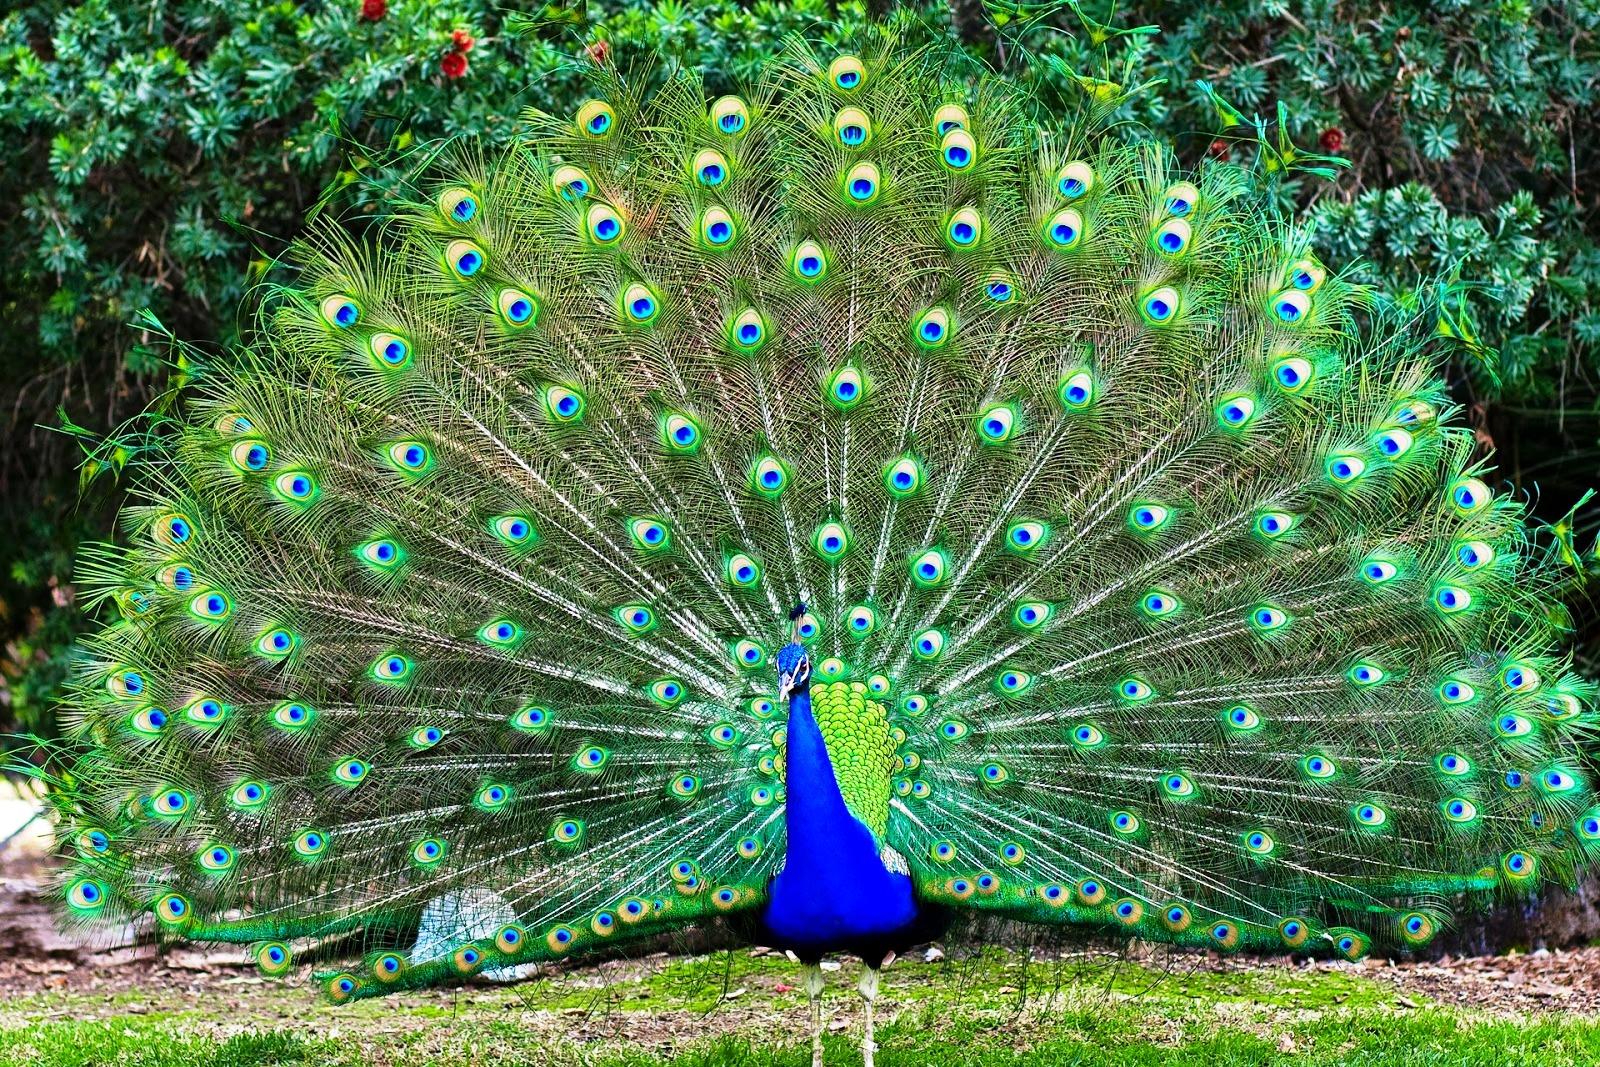 760 Gambar Burung Merak Untuk Mewarnai Gratis Terbaik